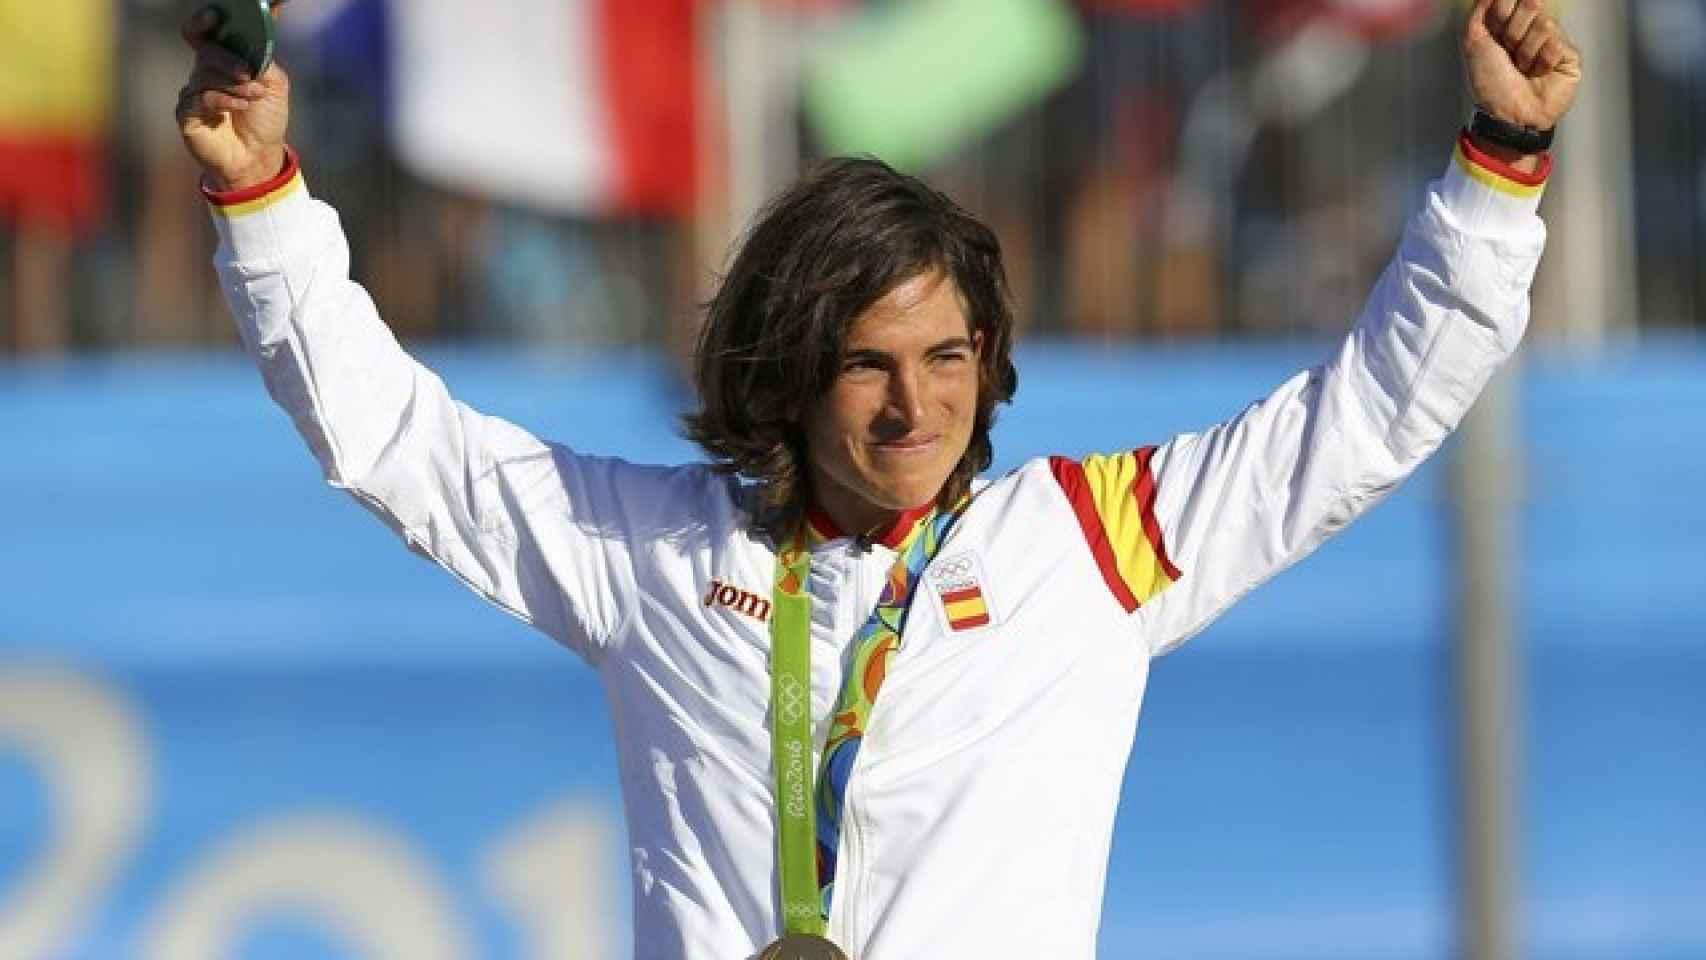 Maialen celebra su oro en la modalidad de K1 de piragüismo slalom.